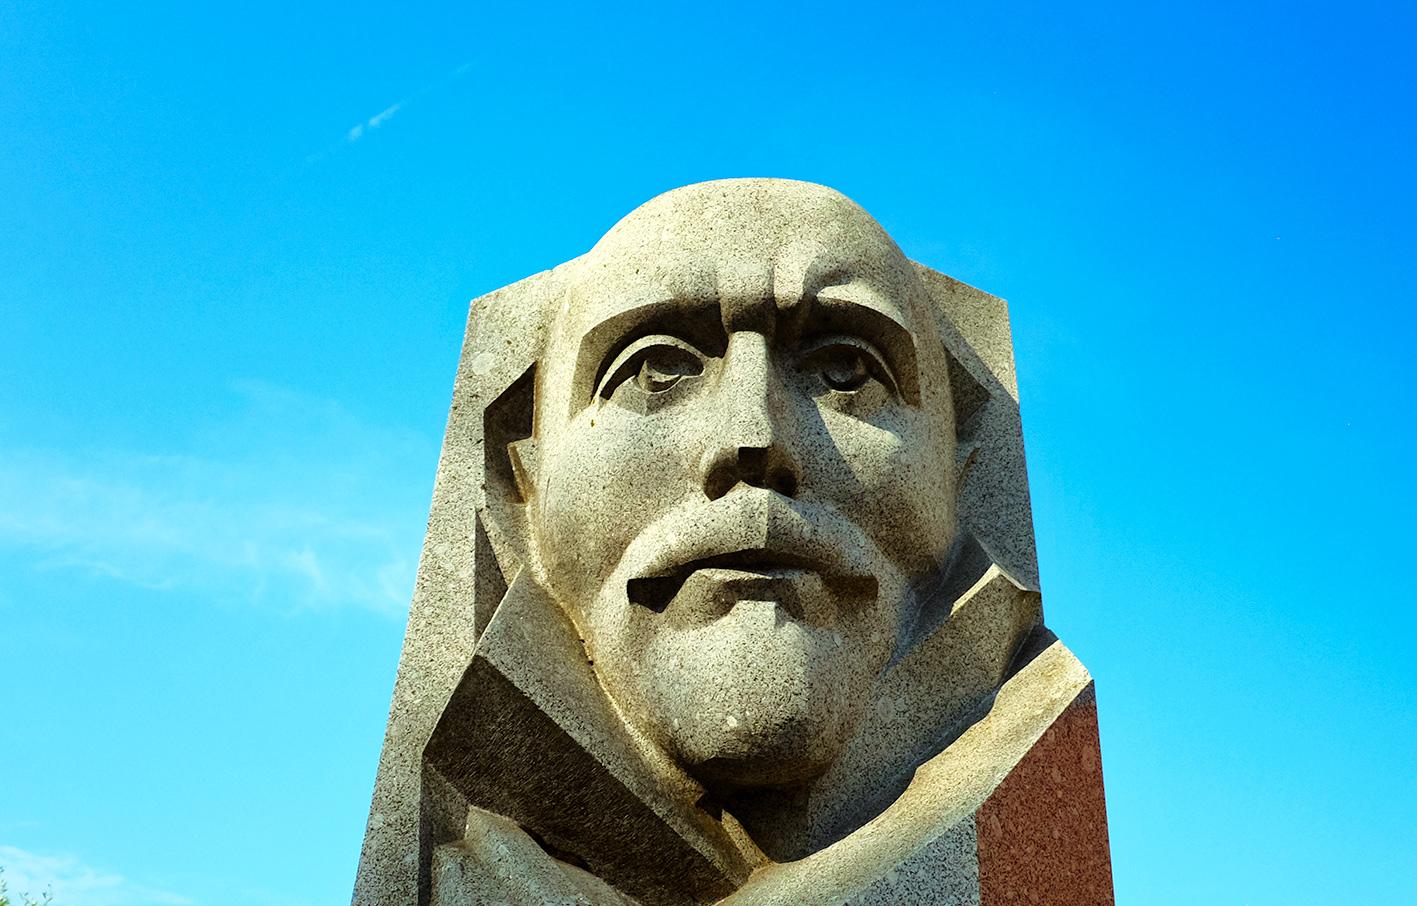 Soviet statue Tallinn